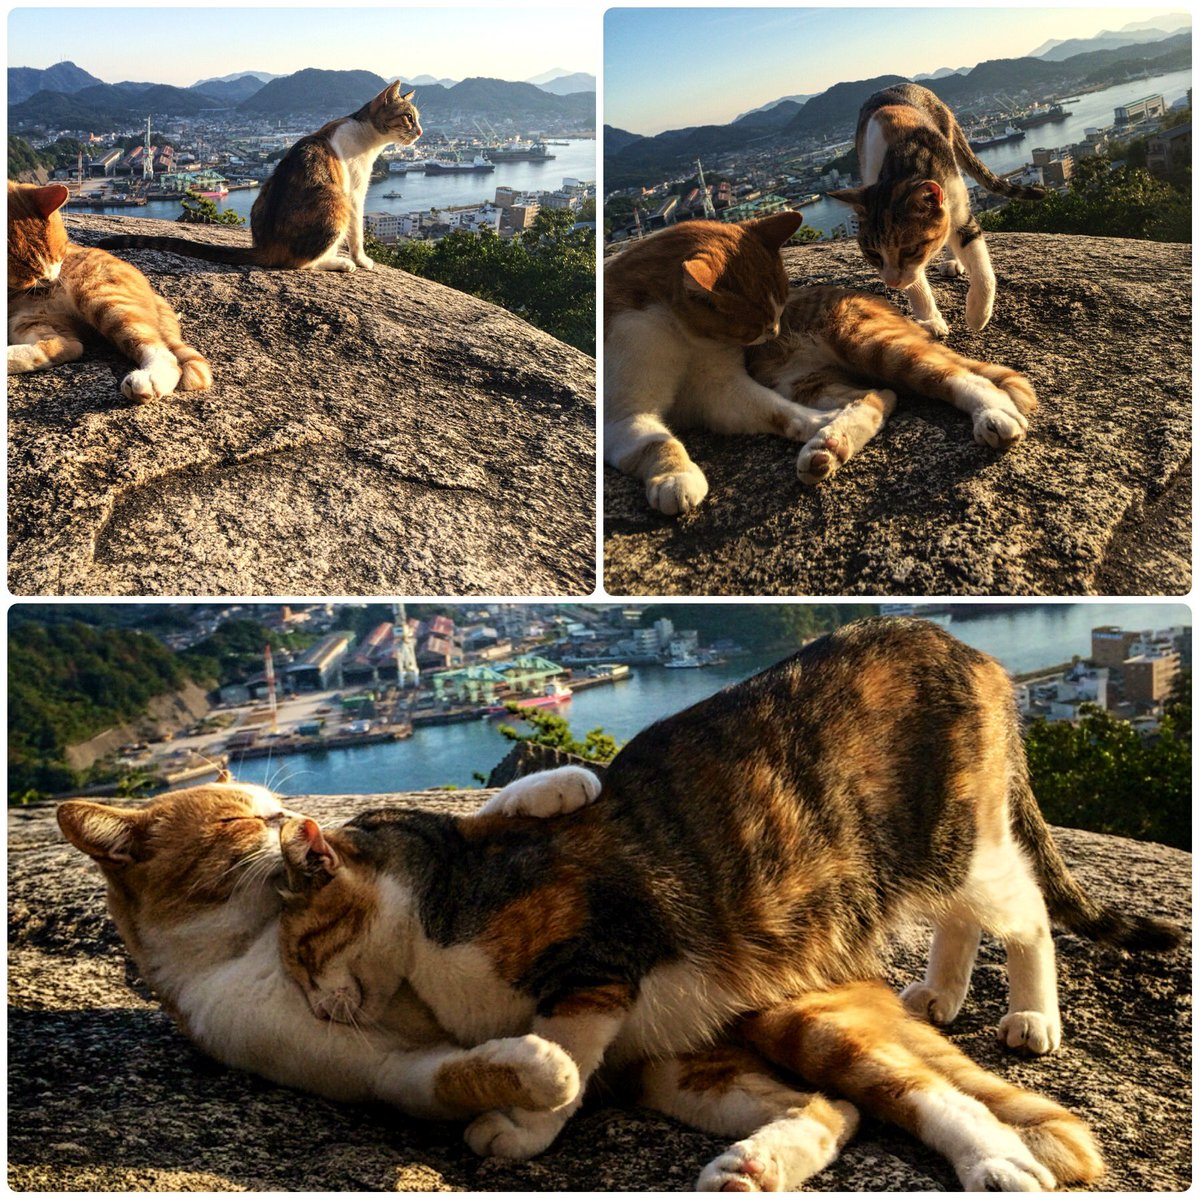 猫の日なので尾道で撮影した猫を再びお届けいたしますね!  この好き好き感がたまりませんでした #ネコの日 https://t.co/C2s8ed5HTy